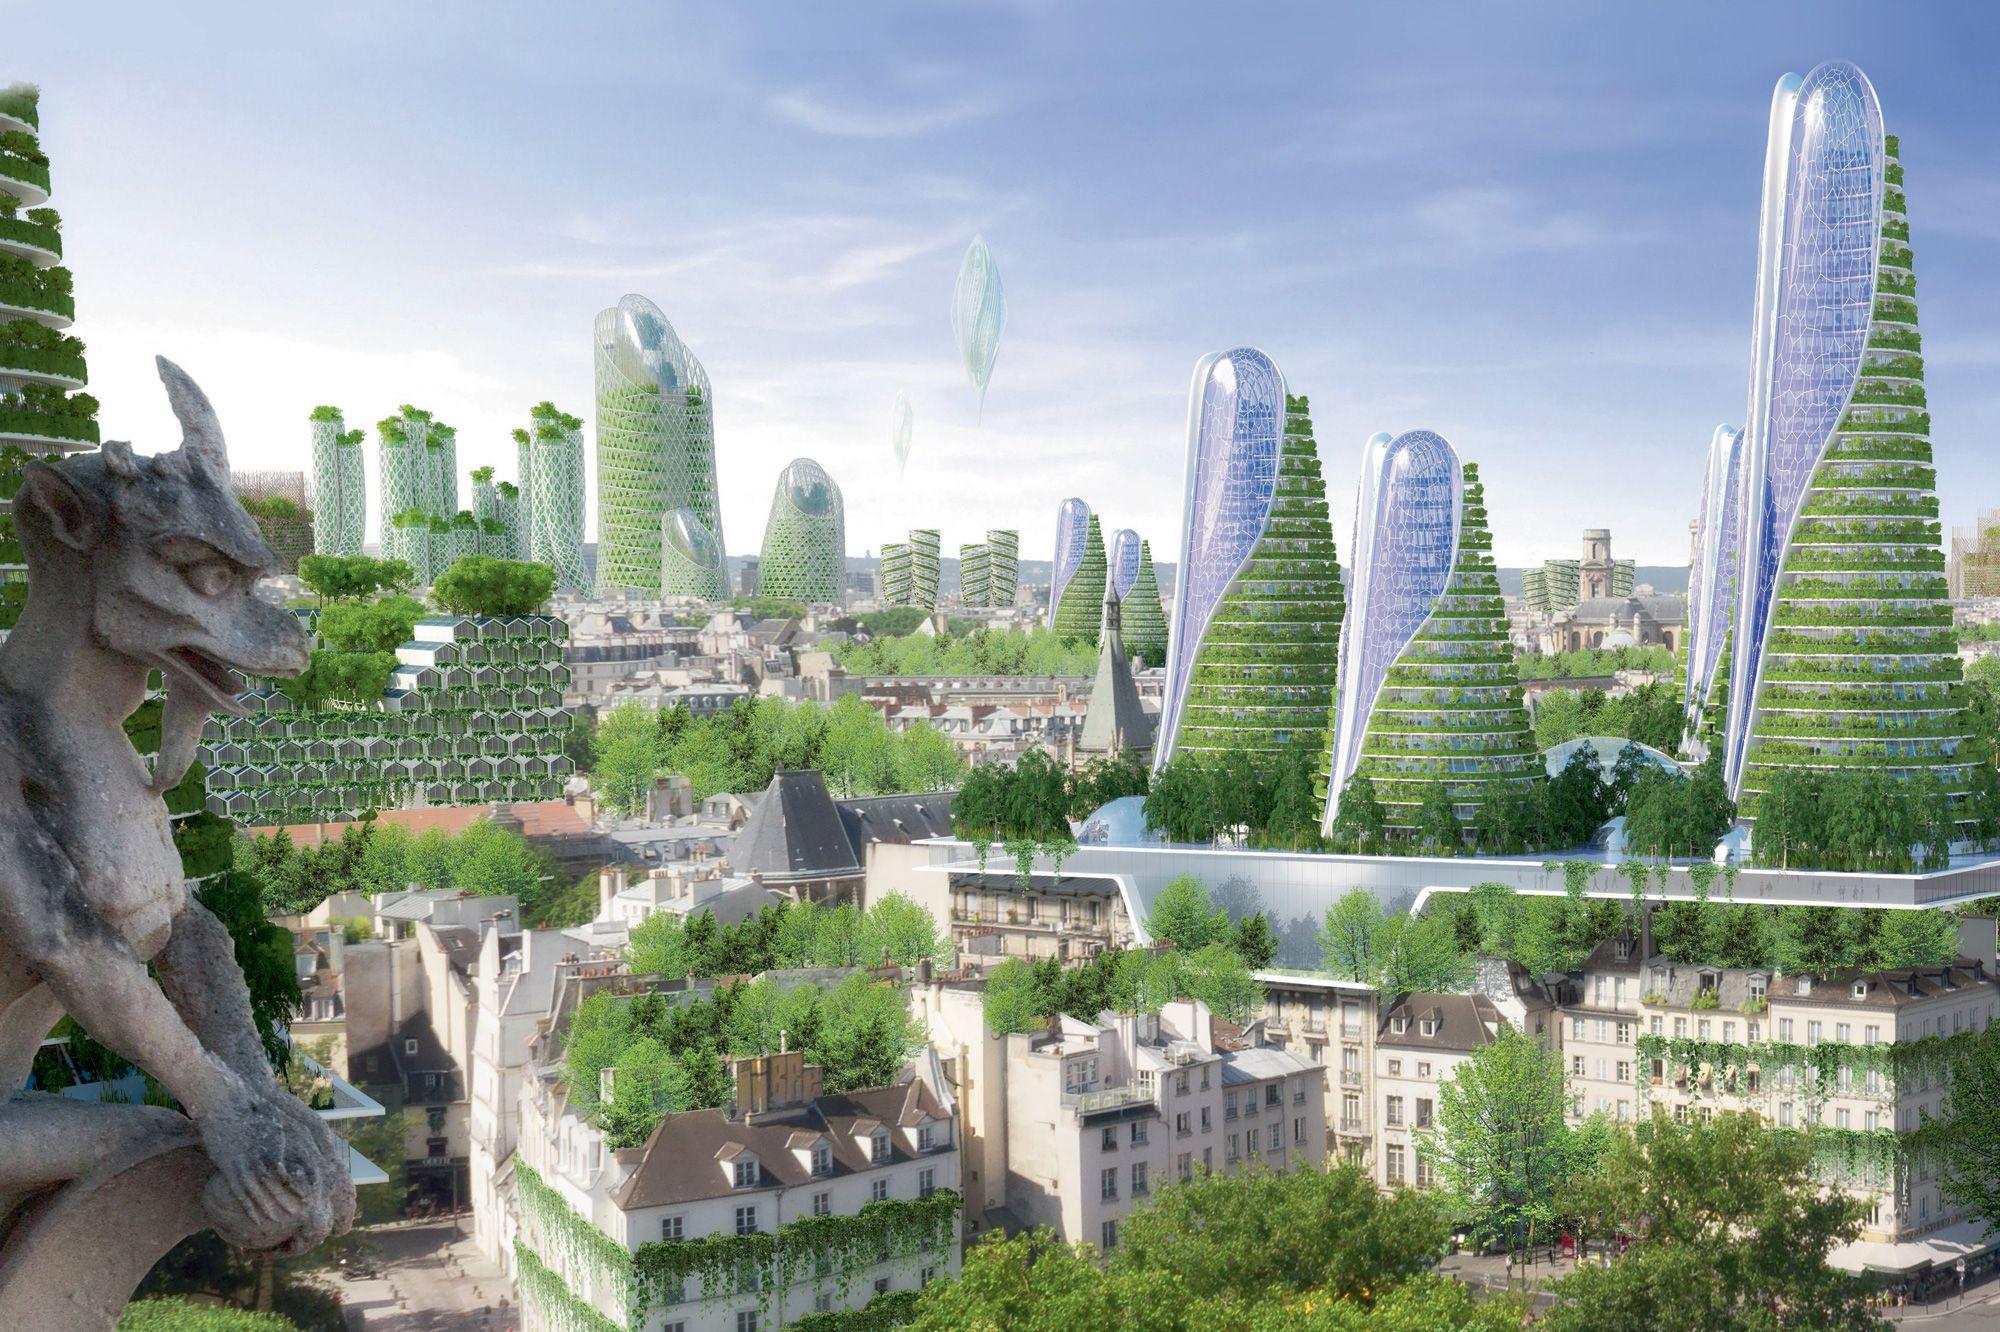 paris Paris 2050, by Vincent Callebaut 0488320f57eaa3066052cb587f57b29f